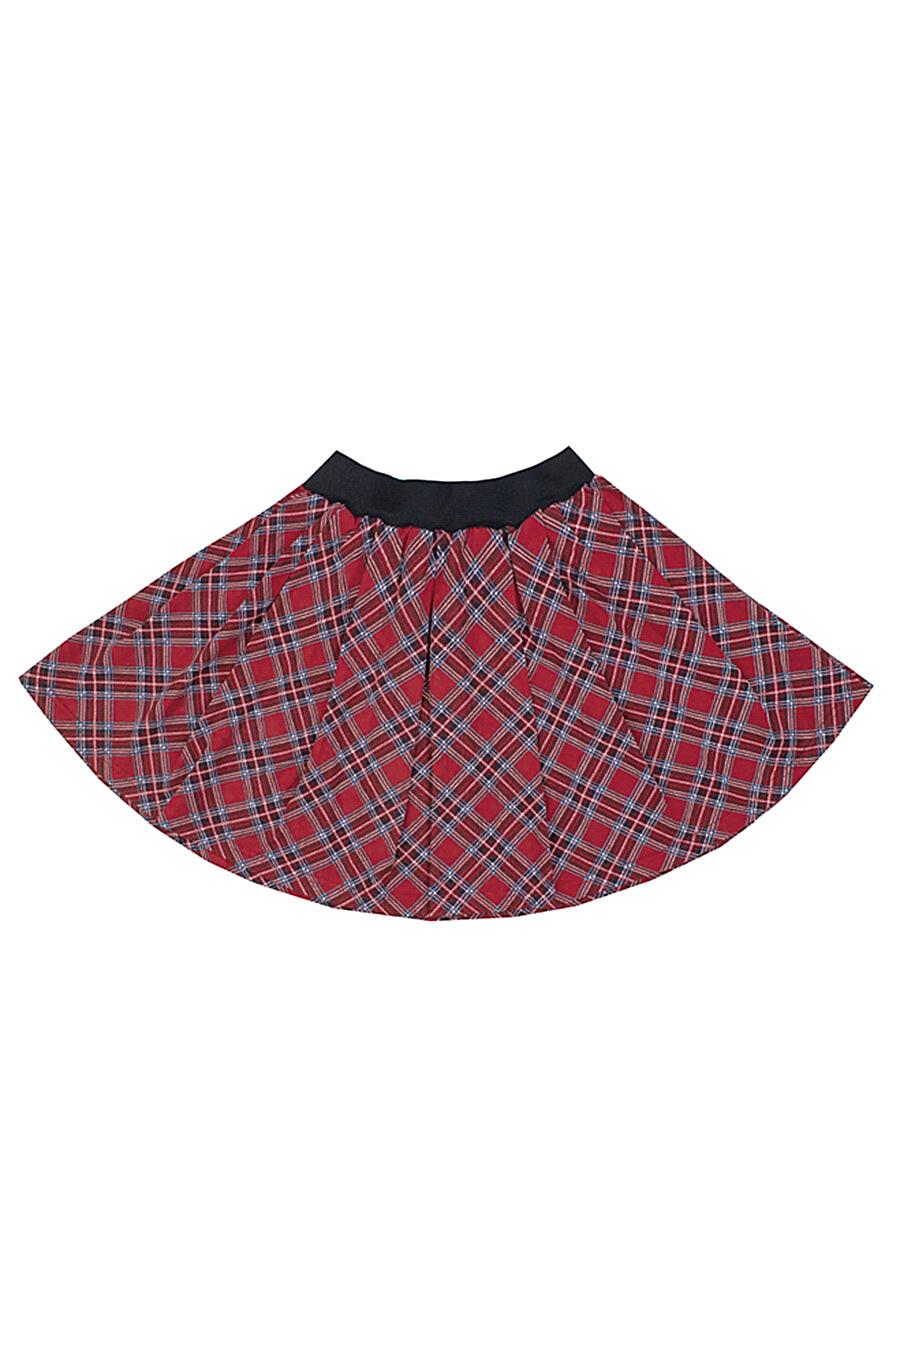 Юбка для девочек Archi 131445 купить оптом от производителя. Совместная покупка детской одежды в OptMoyo